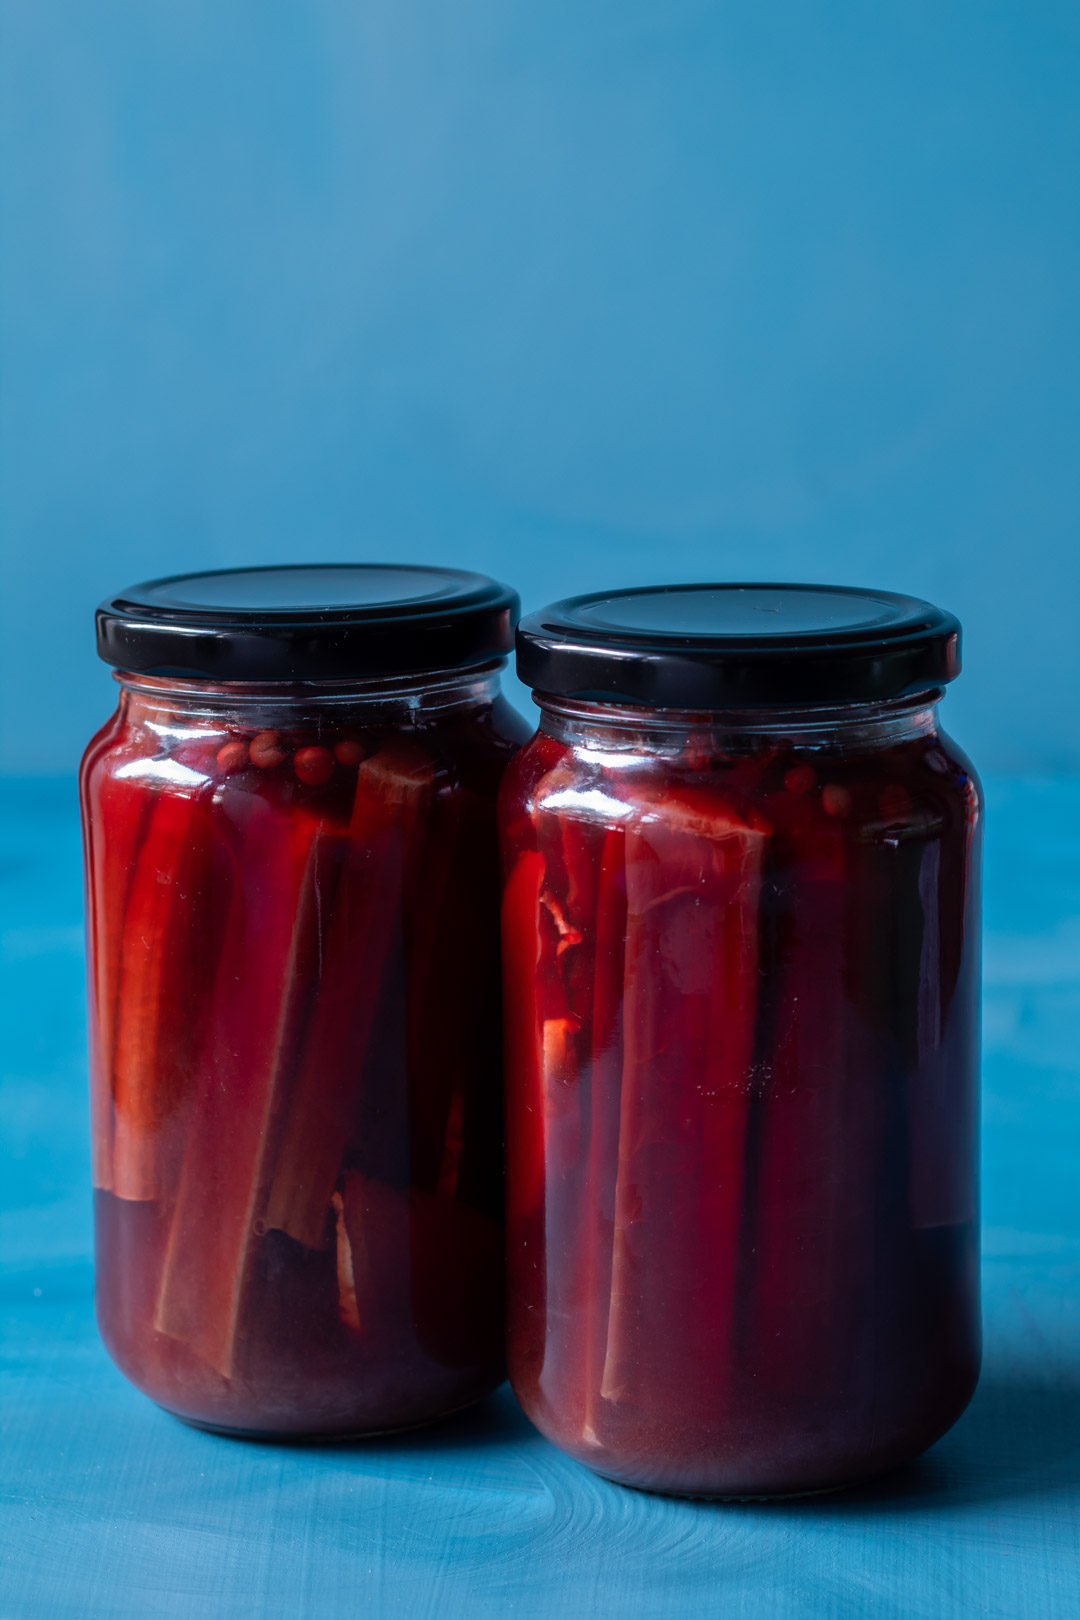 rhubarb pickle in jars